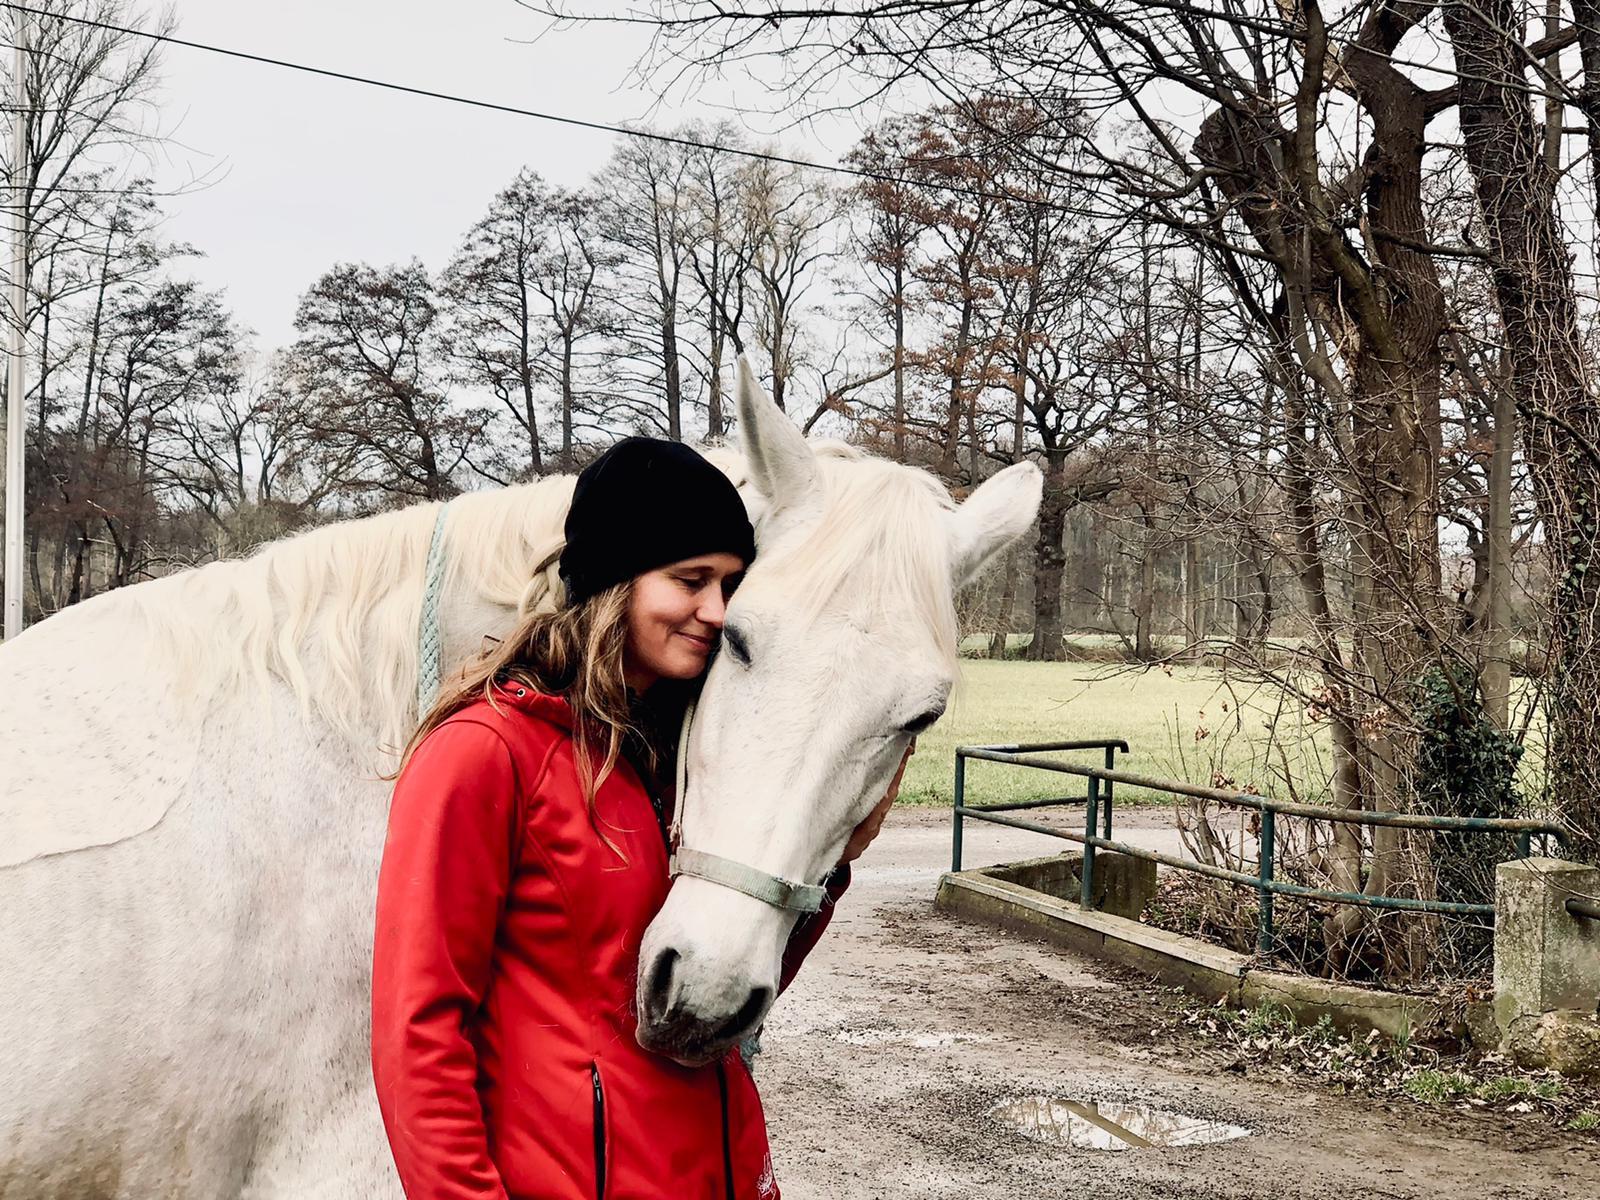 Pferdeliebe - Christina Schlupf - High5Life Mensch & Tier